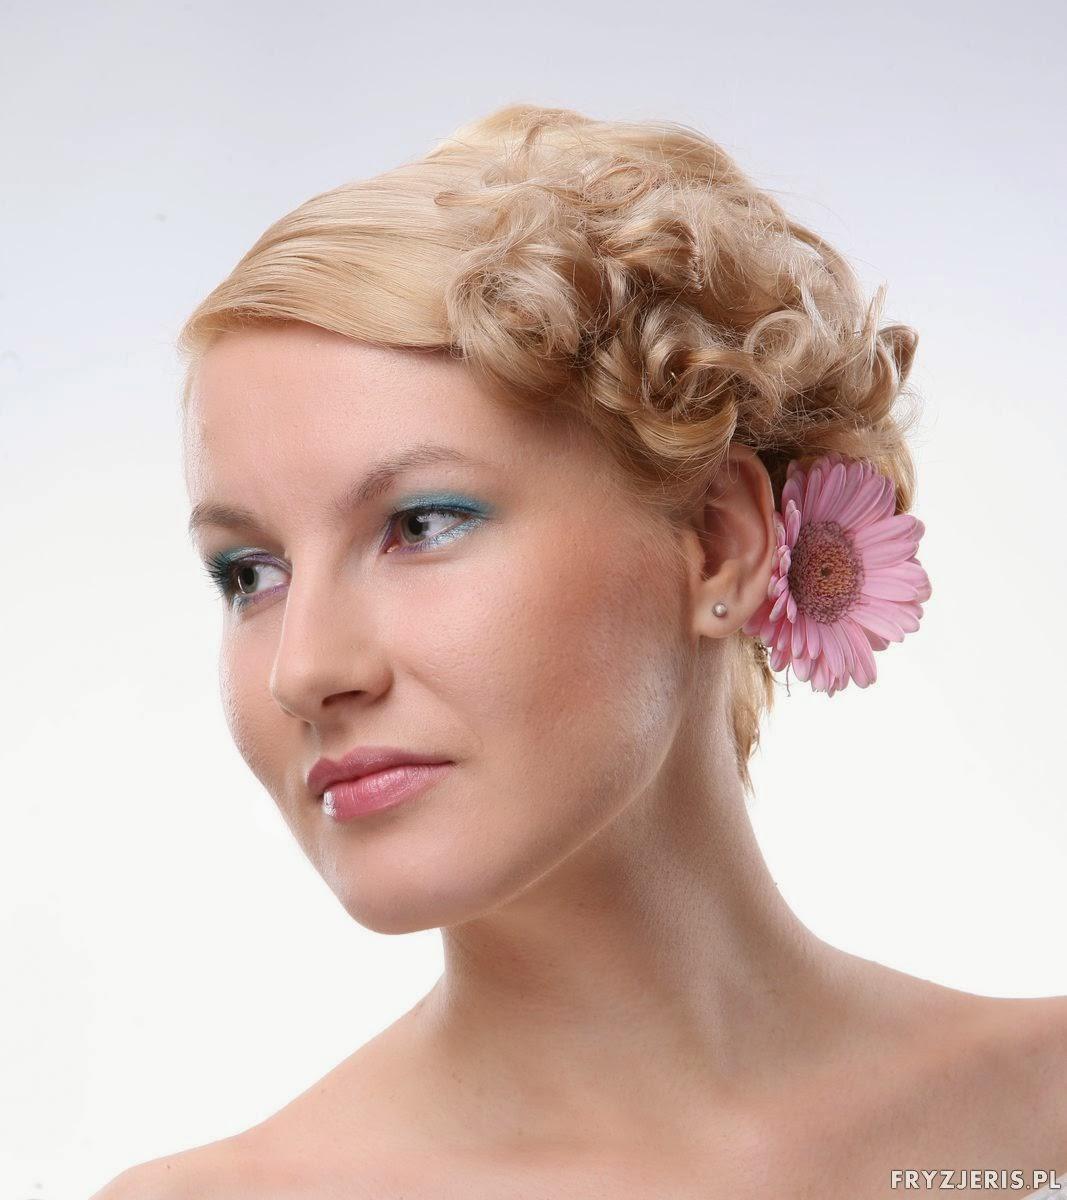 fryzura na włosach do szyi - Dominika Cębrowska